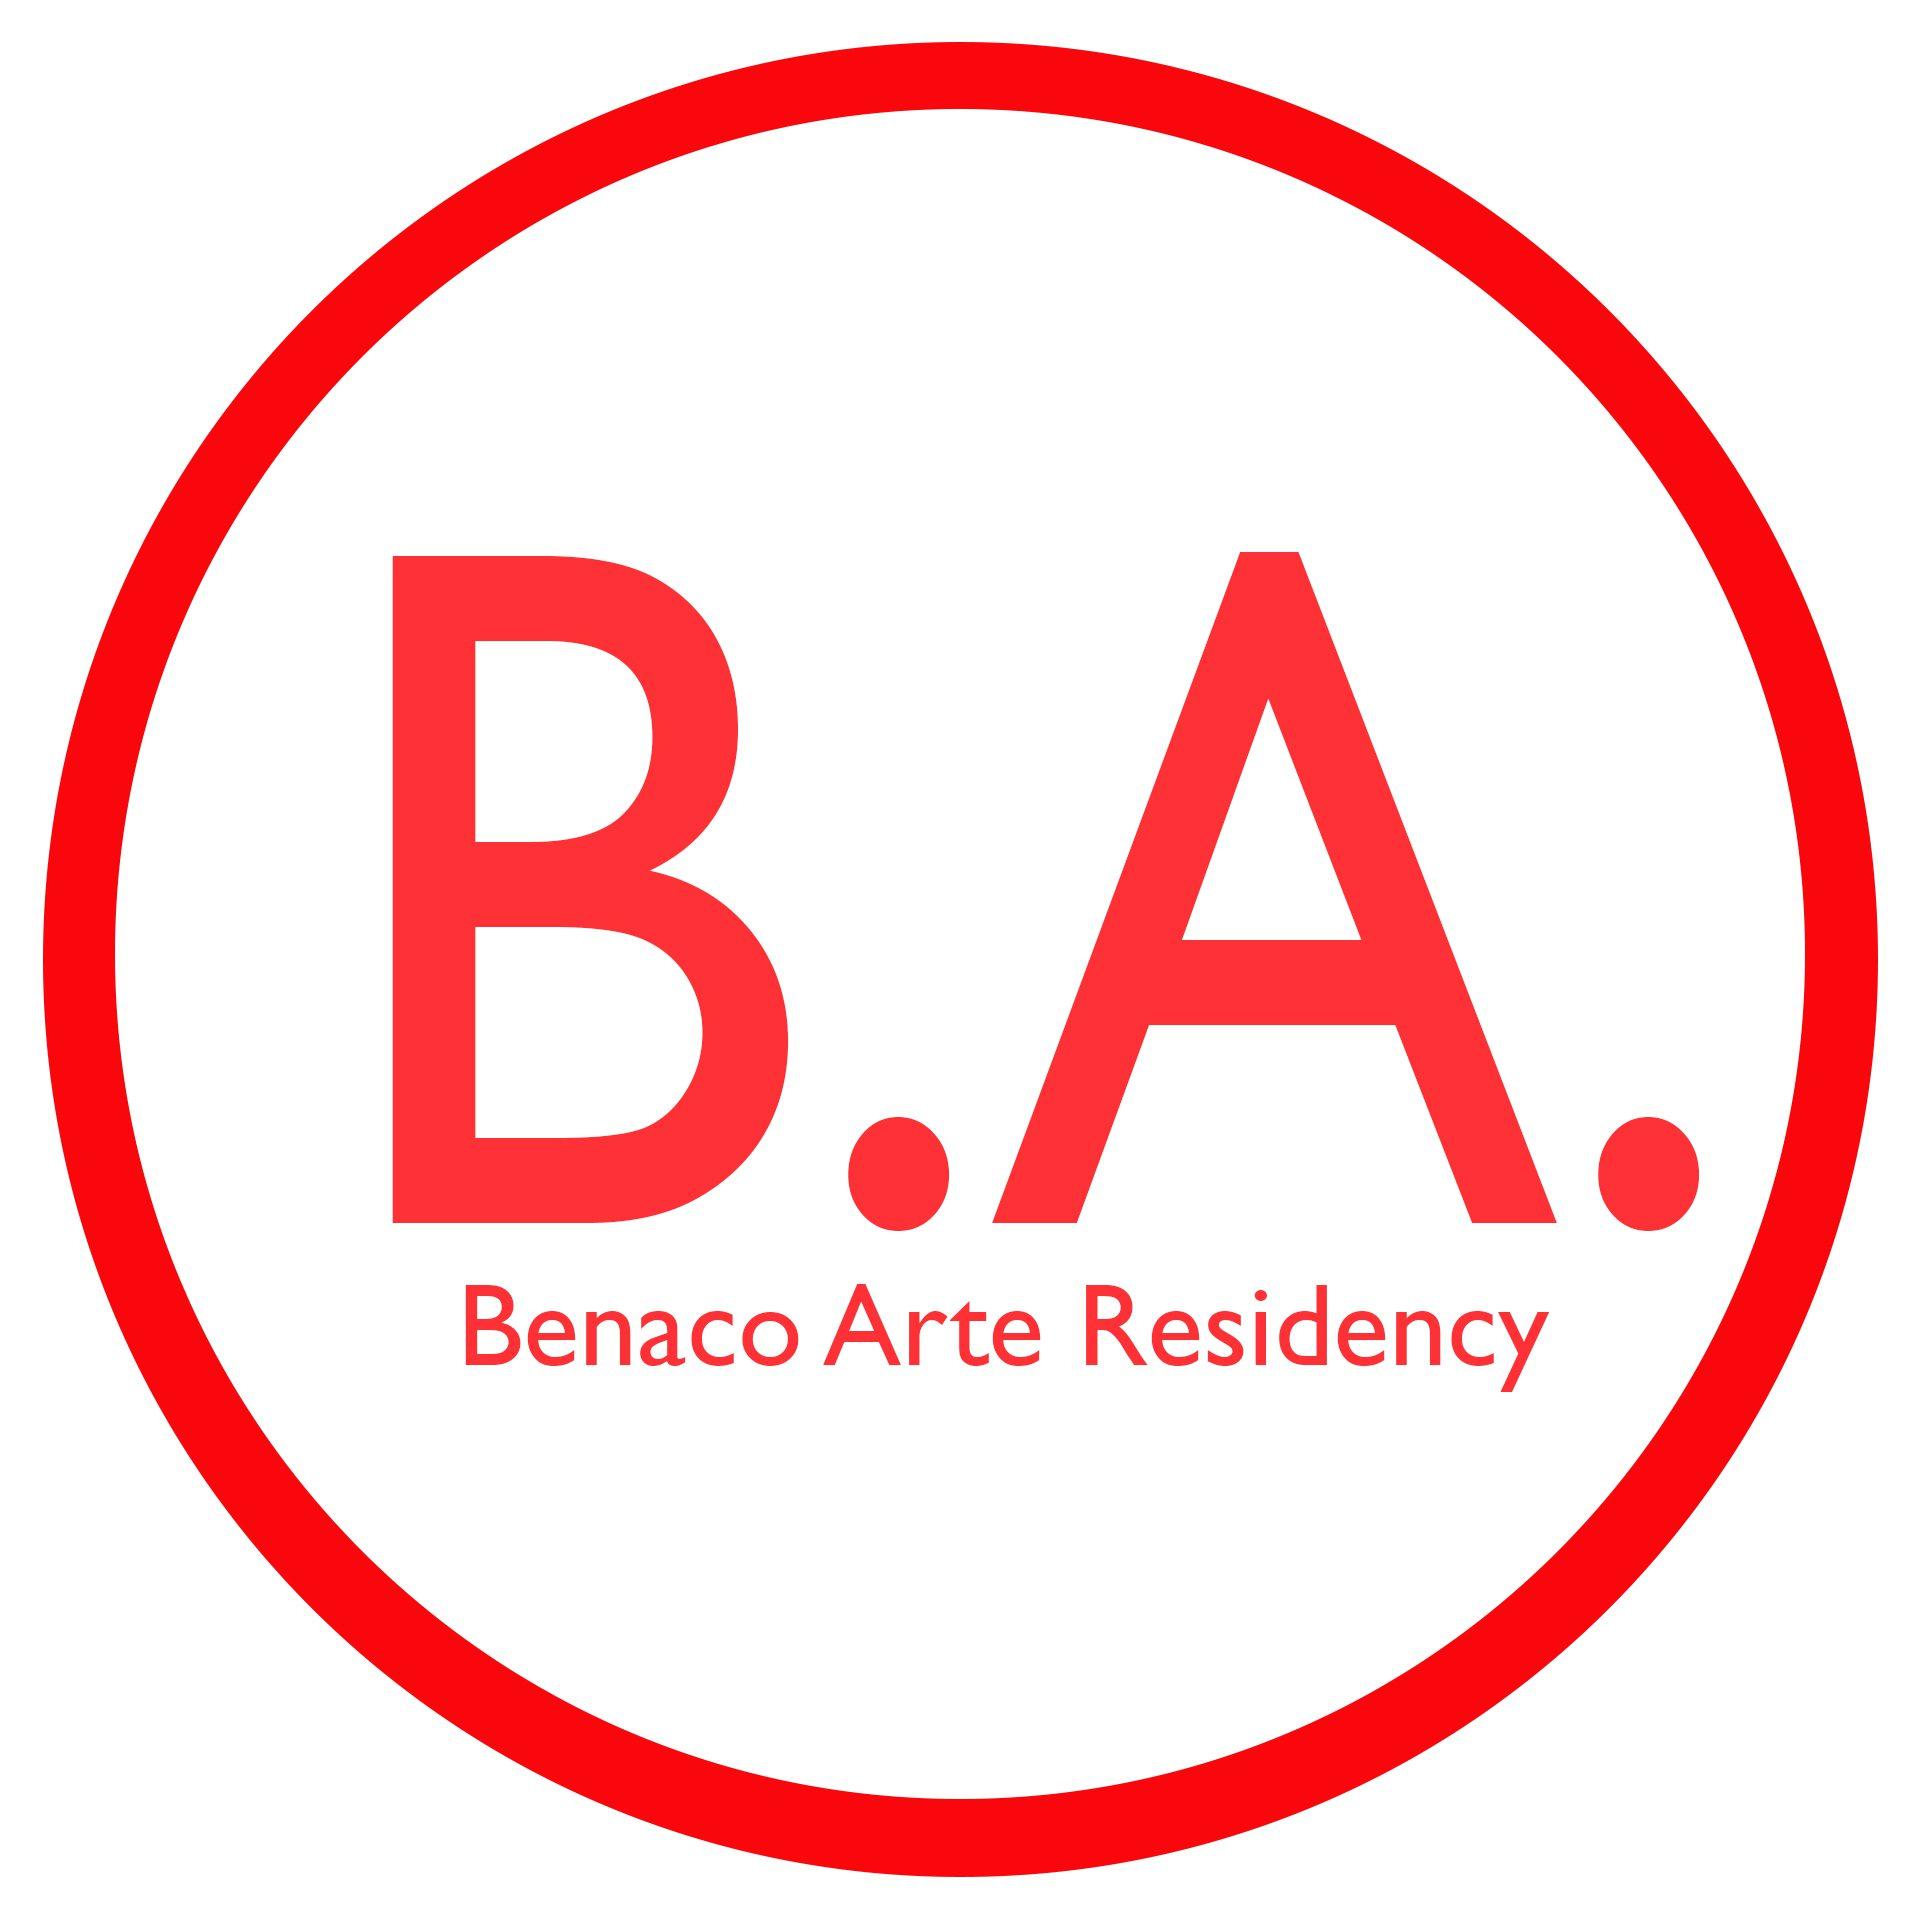 Benaco Arte